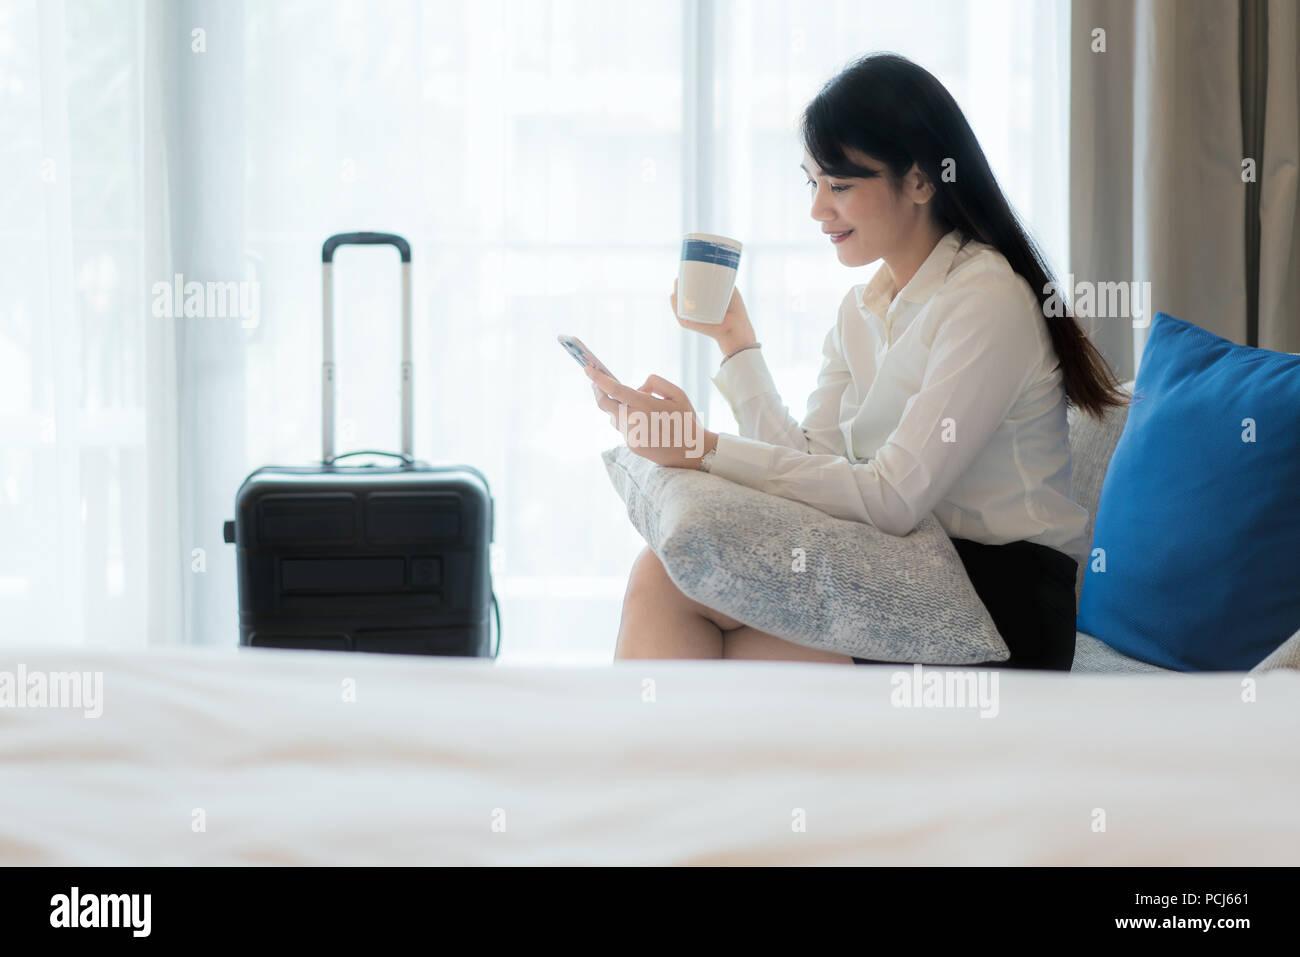 Bella asiatica giovane imprenditrice sorridente in tuta di bere il caffè e utilizzando il telefono cellulare mentre è seduto sul divano in camera d'albergo. Business travel. Immagini Stock